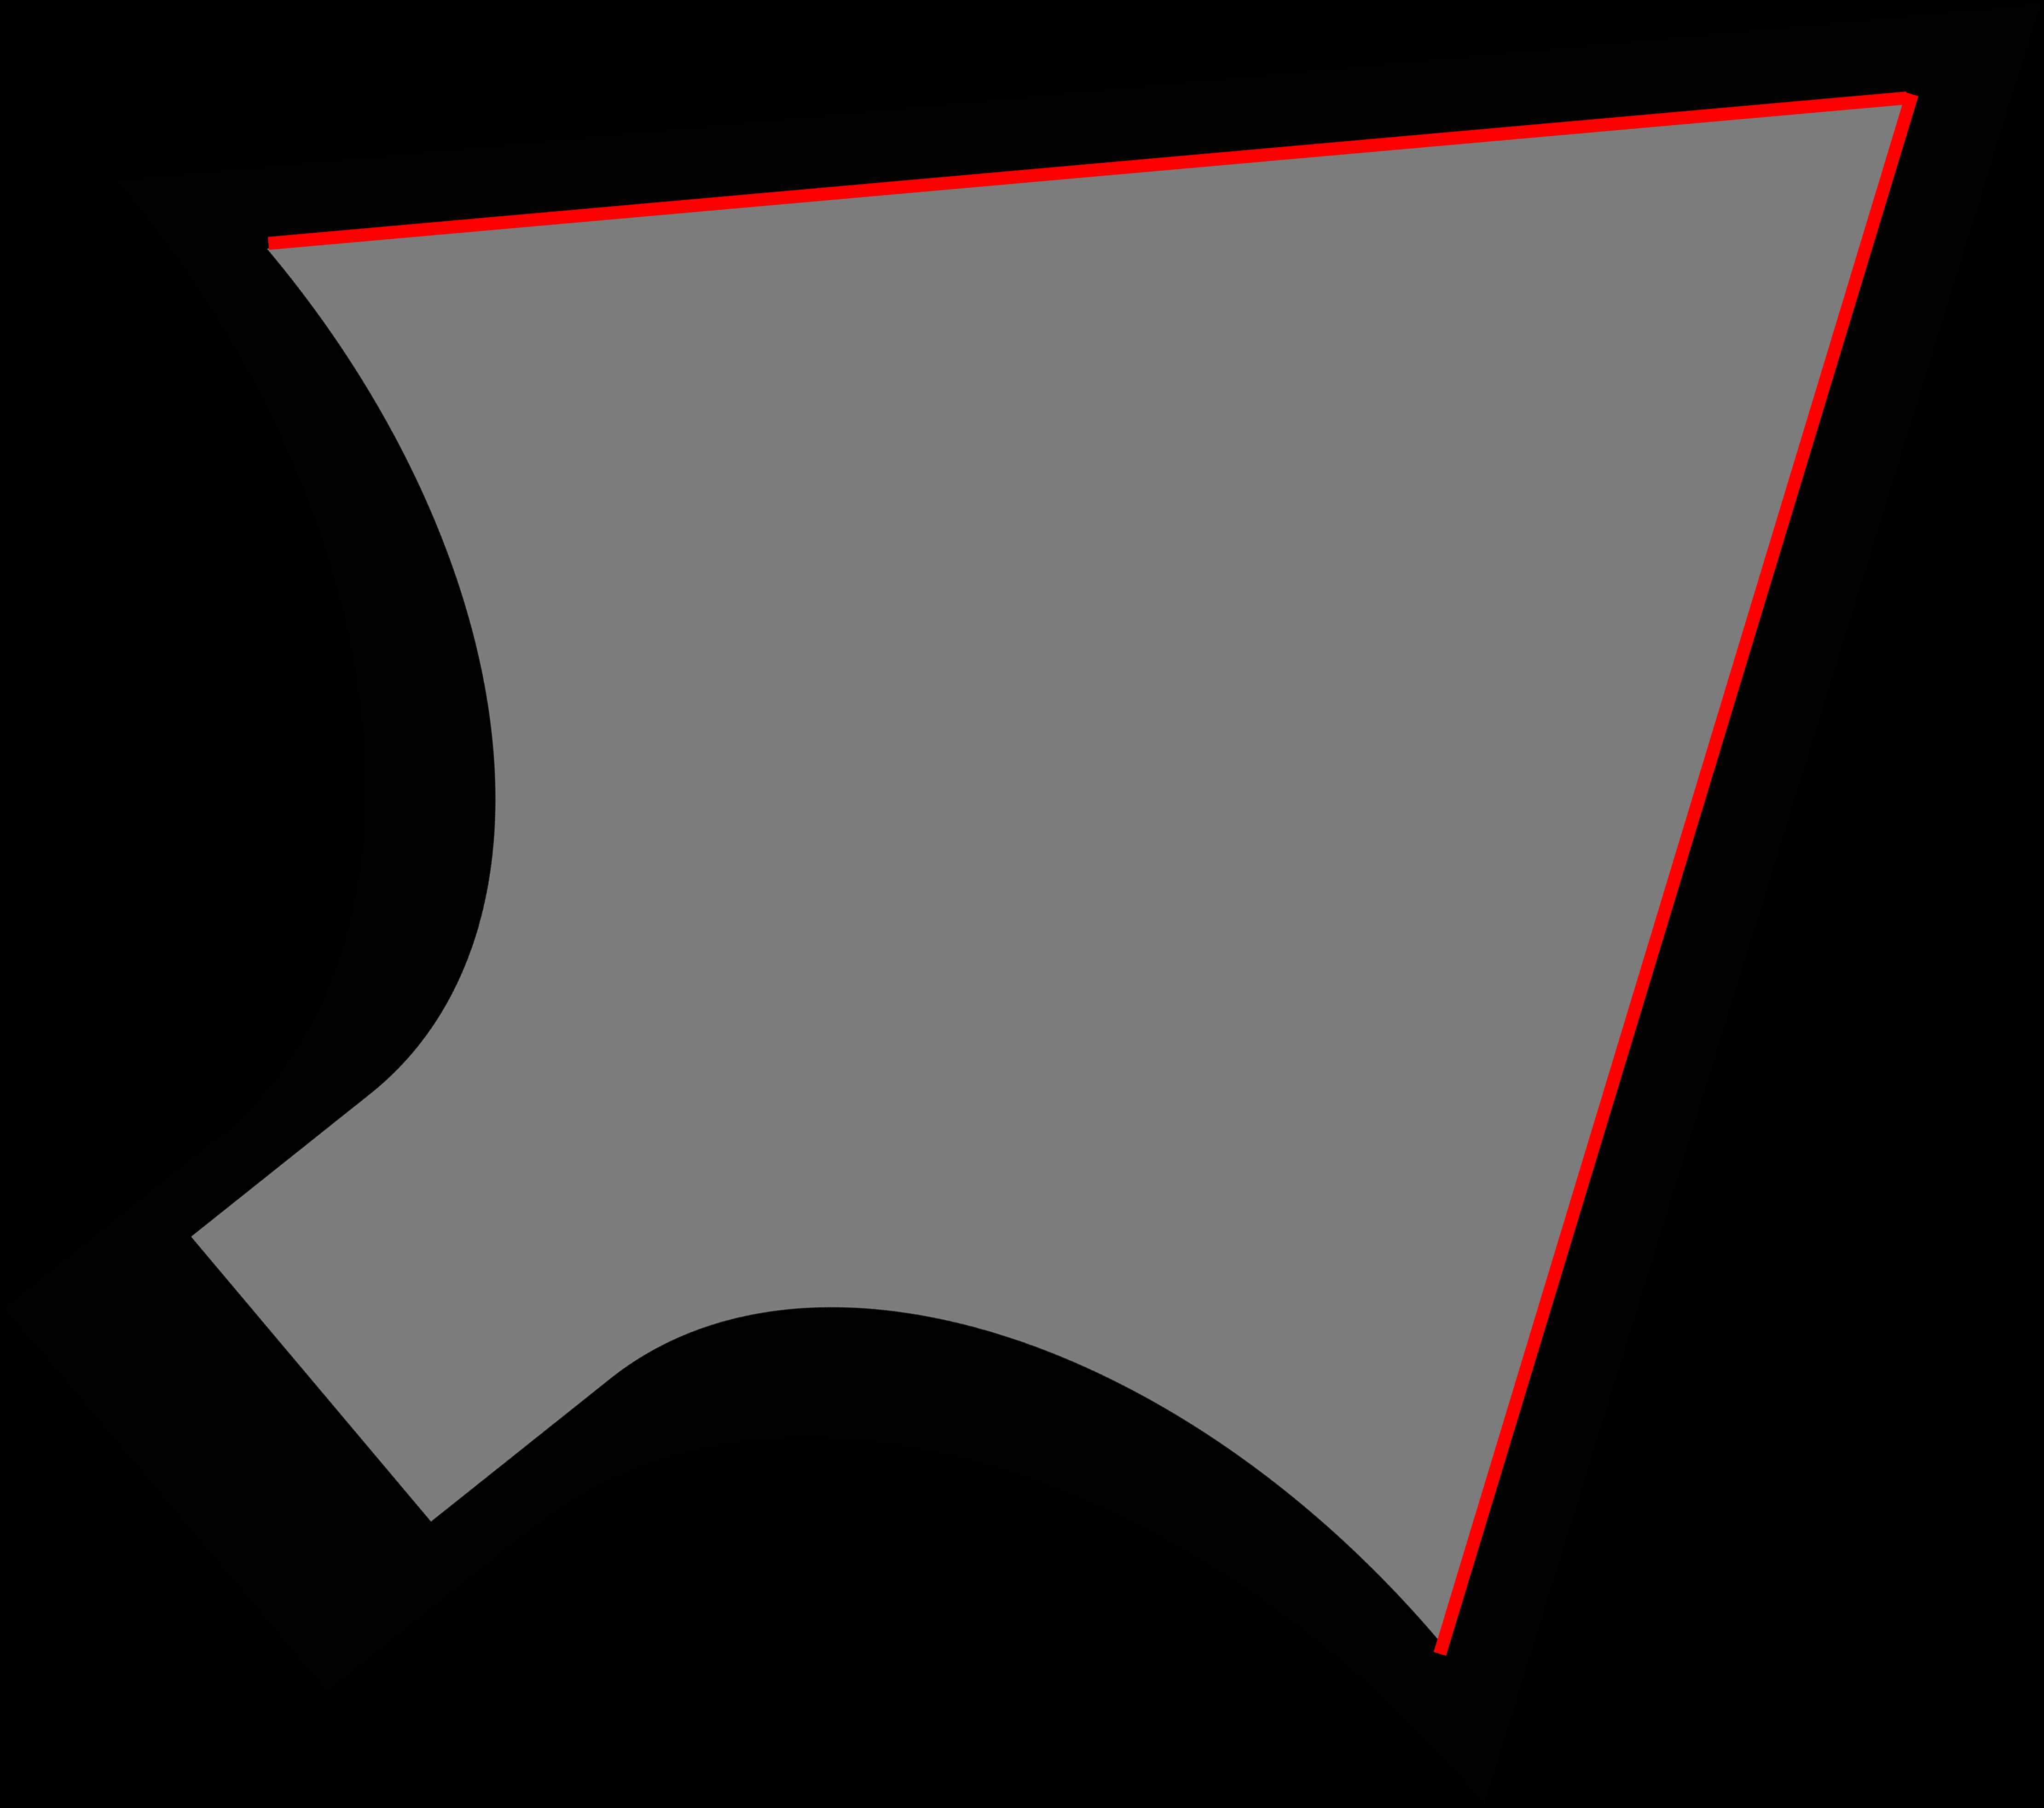 Arrowhead clipart order arrow. Jpg royalty free stock